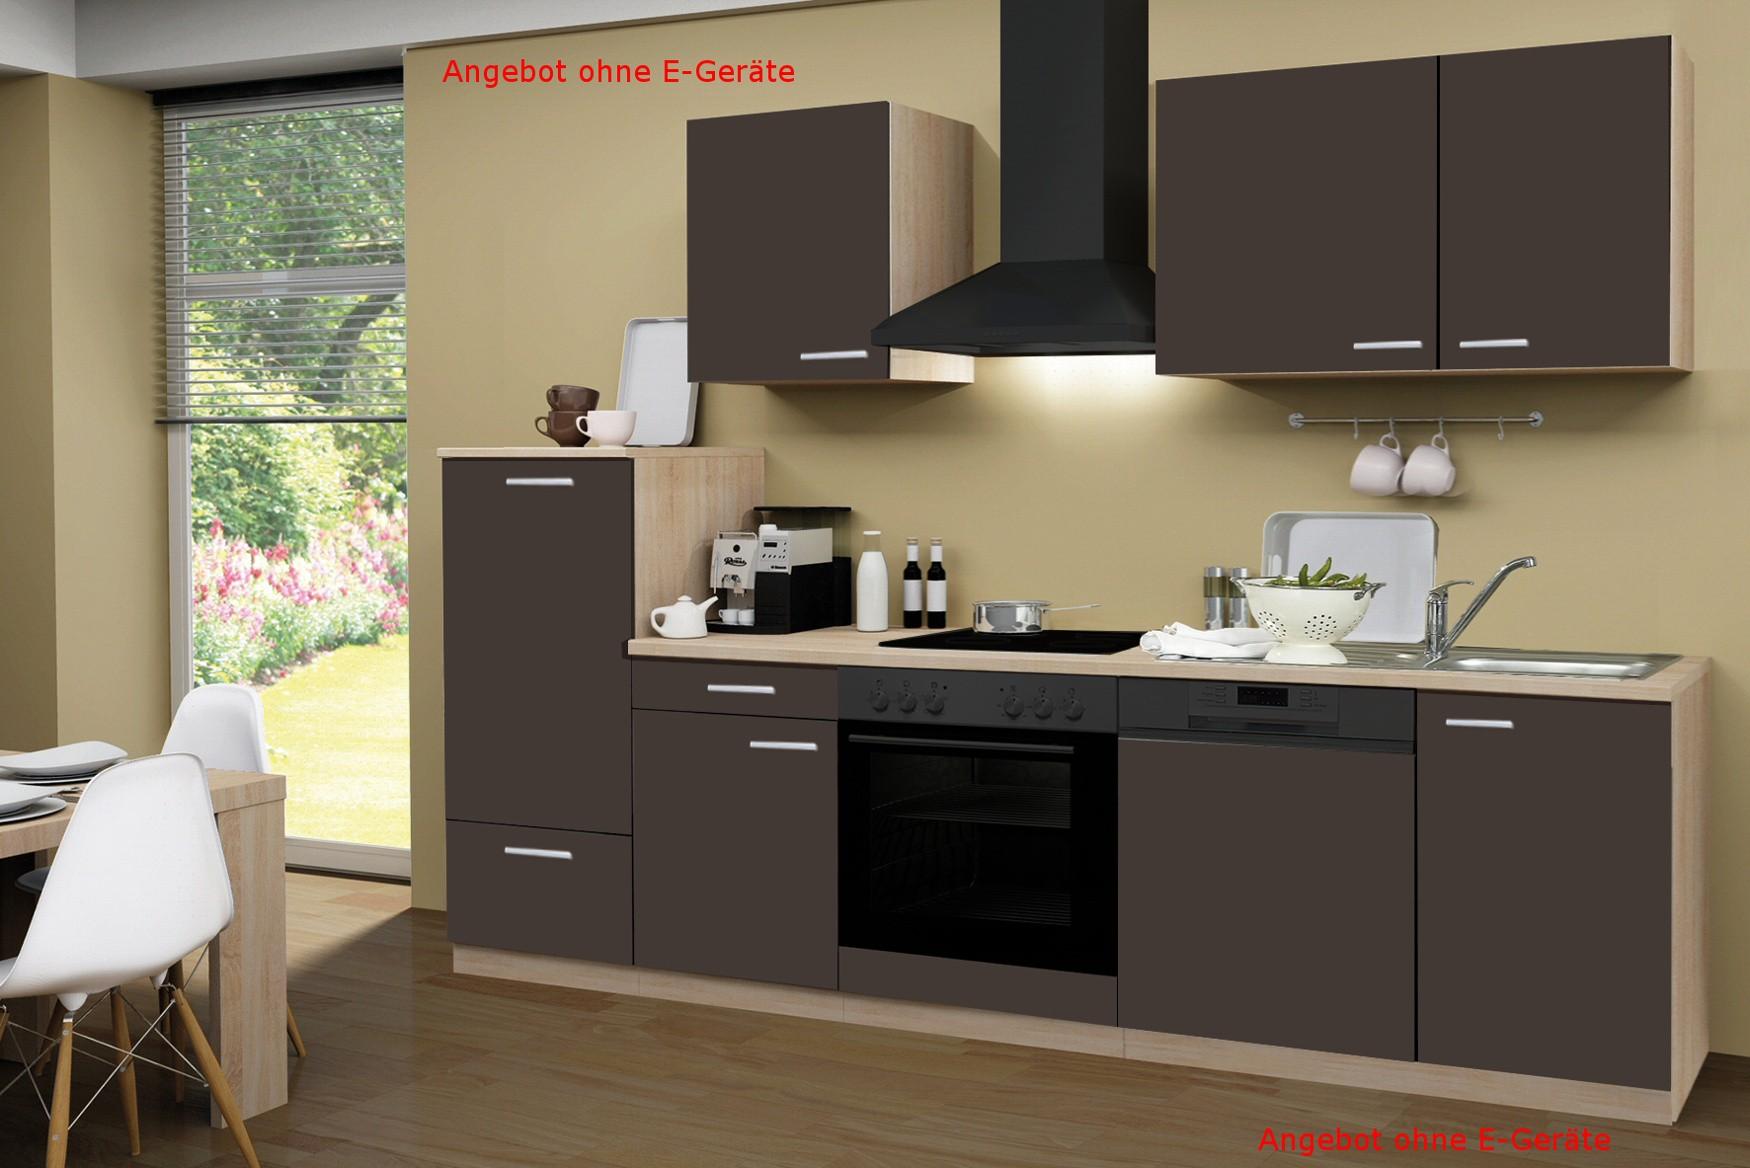 k chenzeile g teborg k chen leerblock breite 280 cm schoko braun k che g teborg. Black Bedroom Furniture Sets. Home Design Ideas